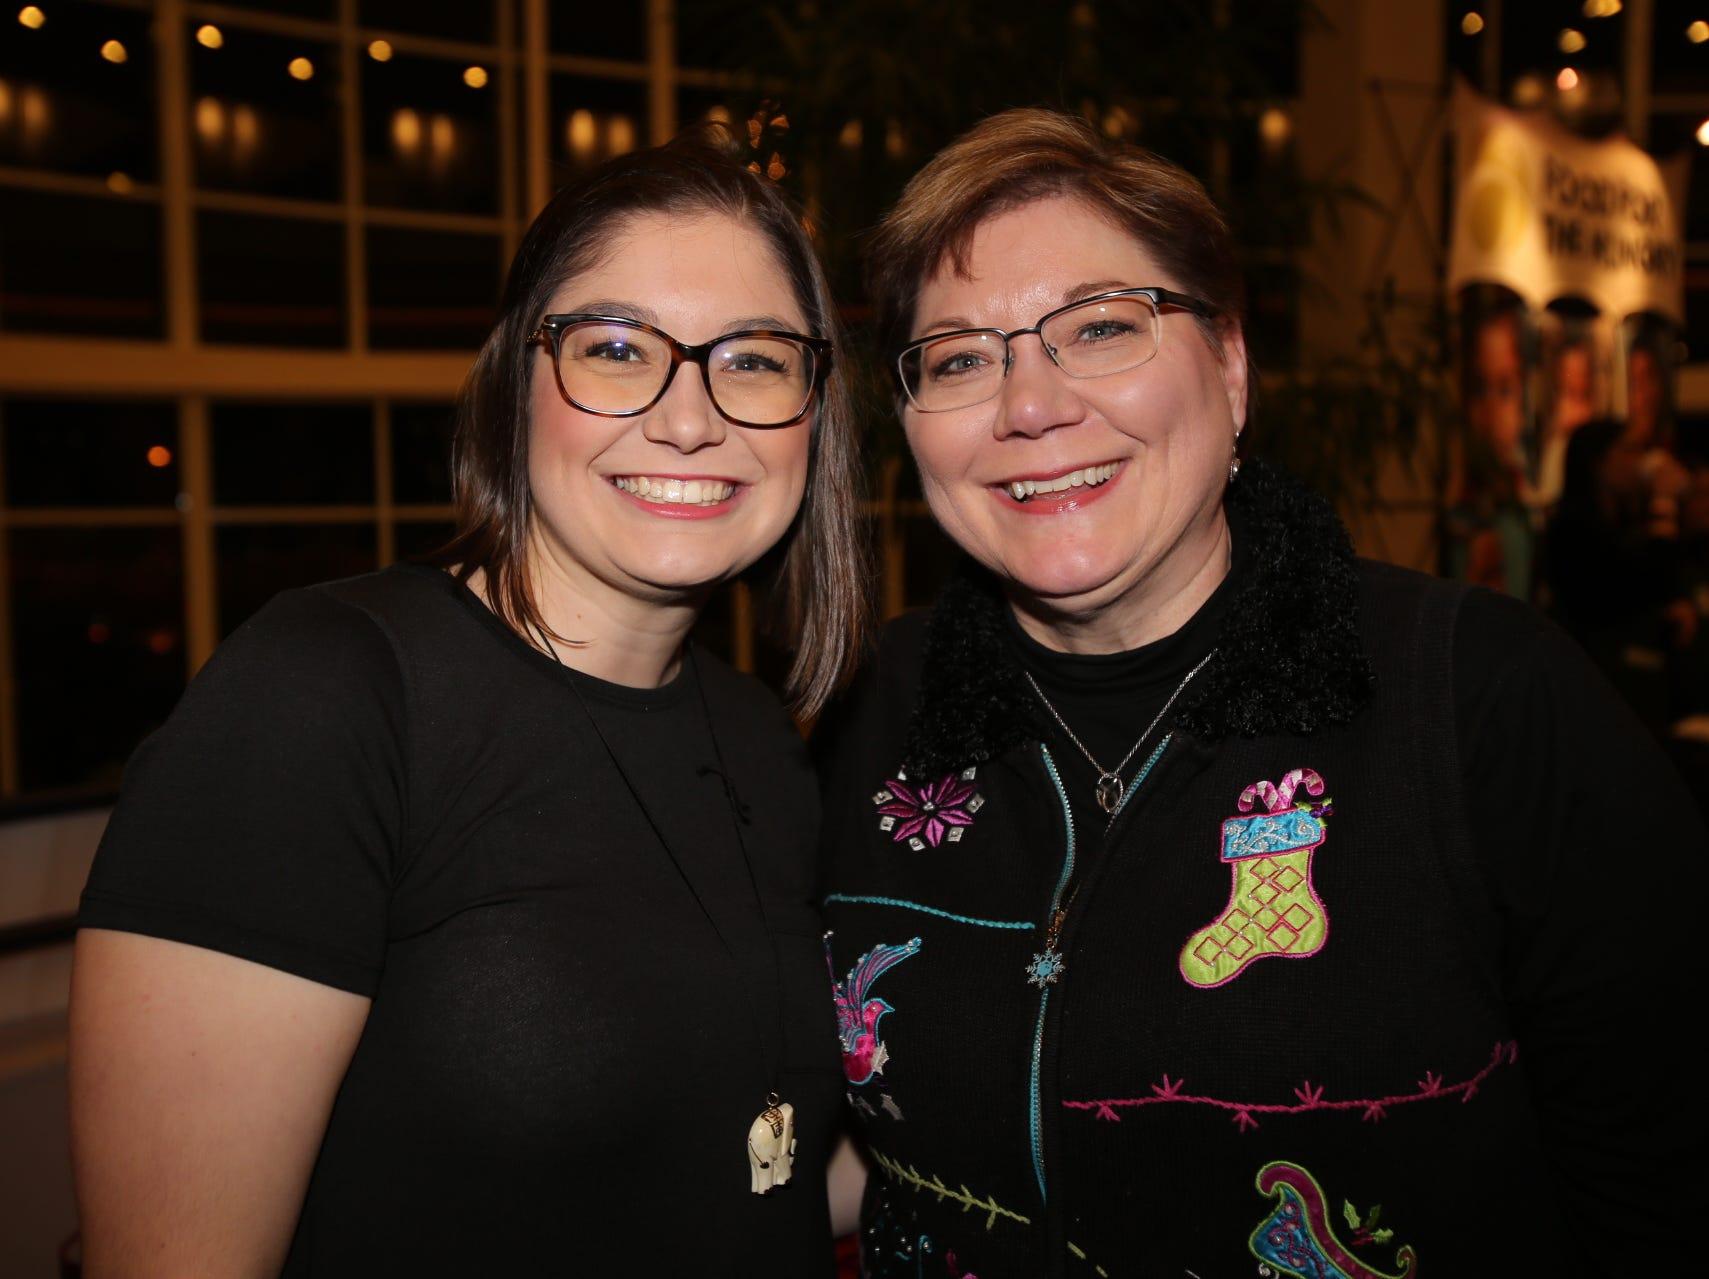 Meagan and Vicki Good